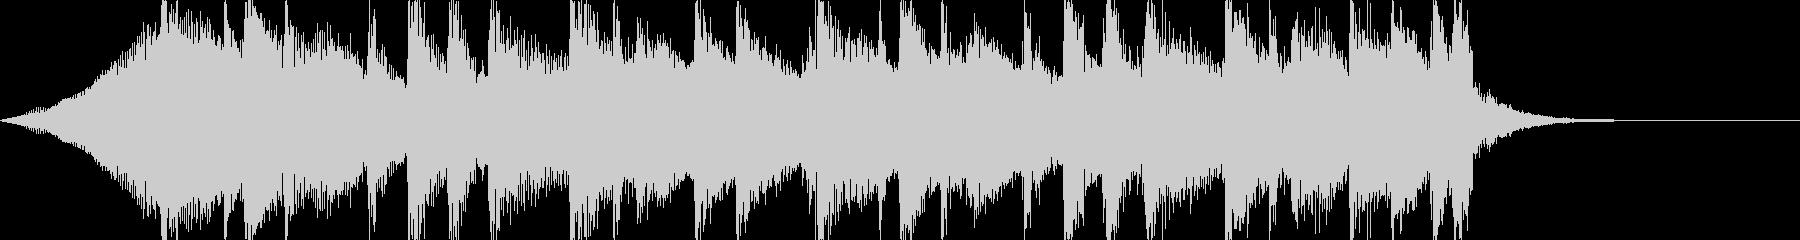 透明感あるアコギのサウンドロゴ、ジングルの未再生の波形